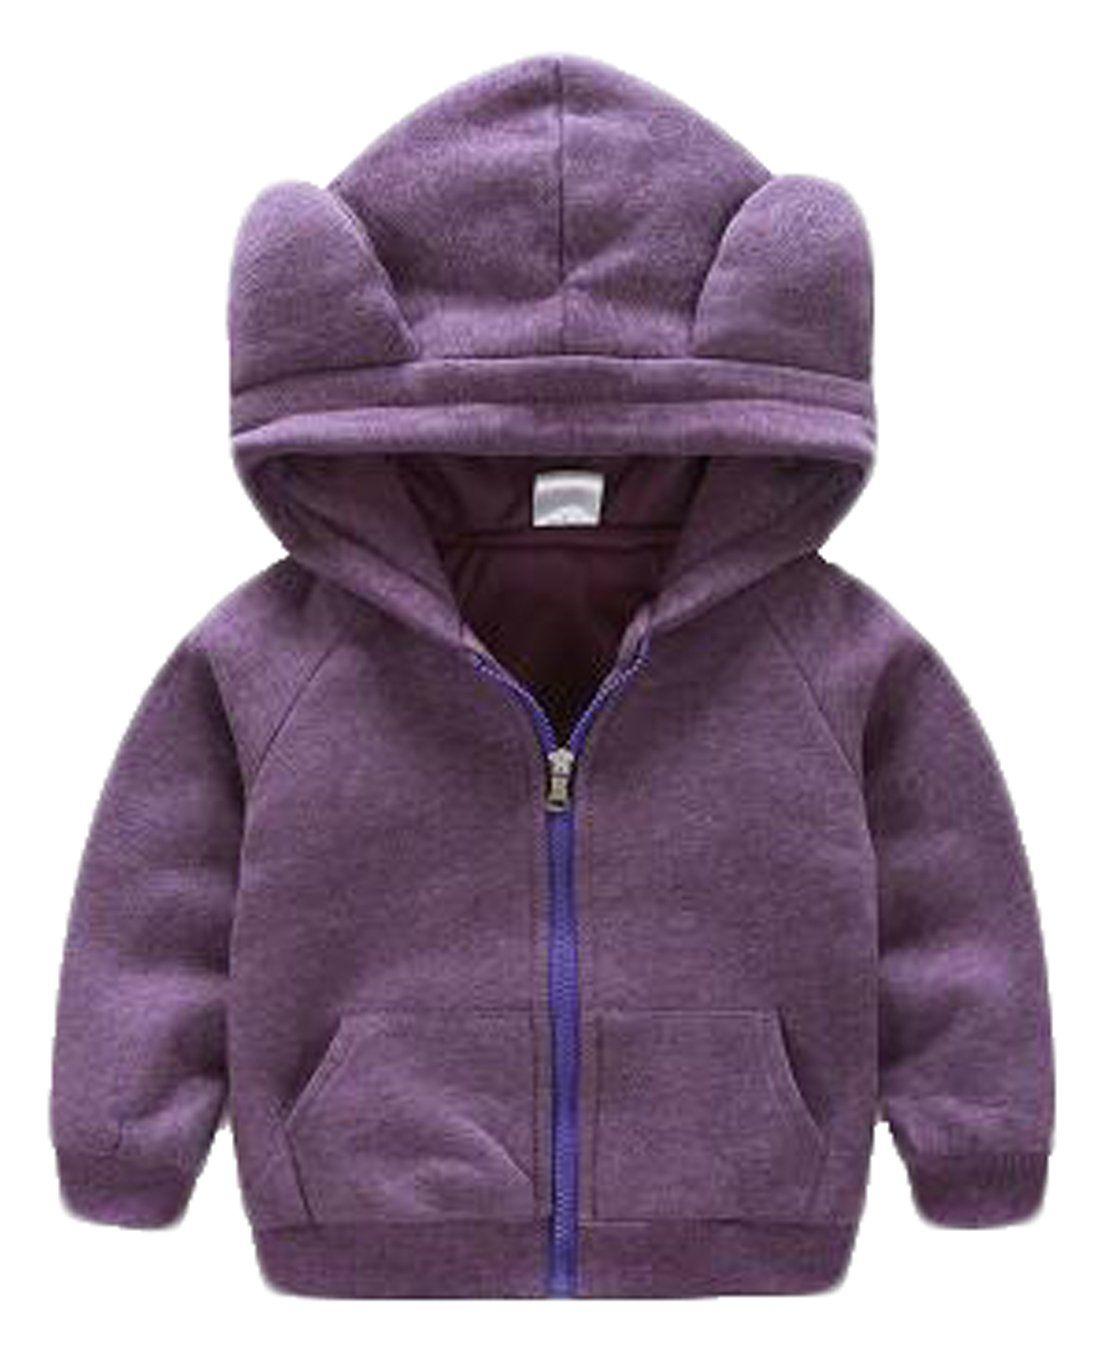 623553c4b Yayu Kids Baby Boy s Winter Warm Bear-Ear Zipper Hooded Jacket Coat ...